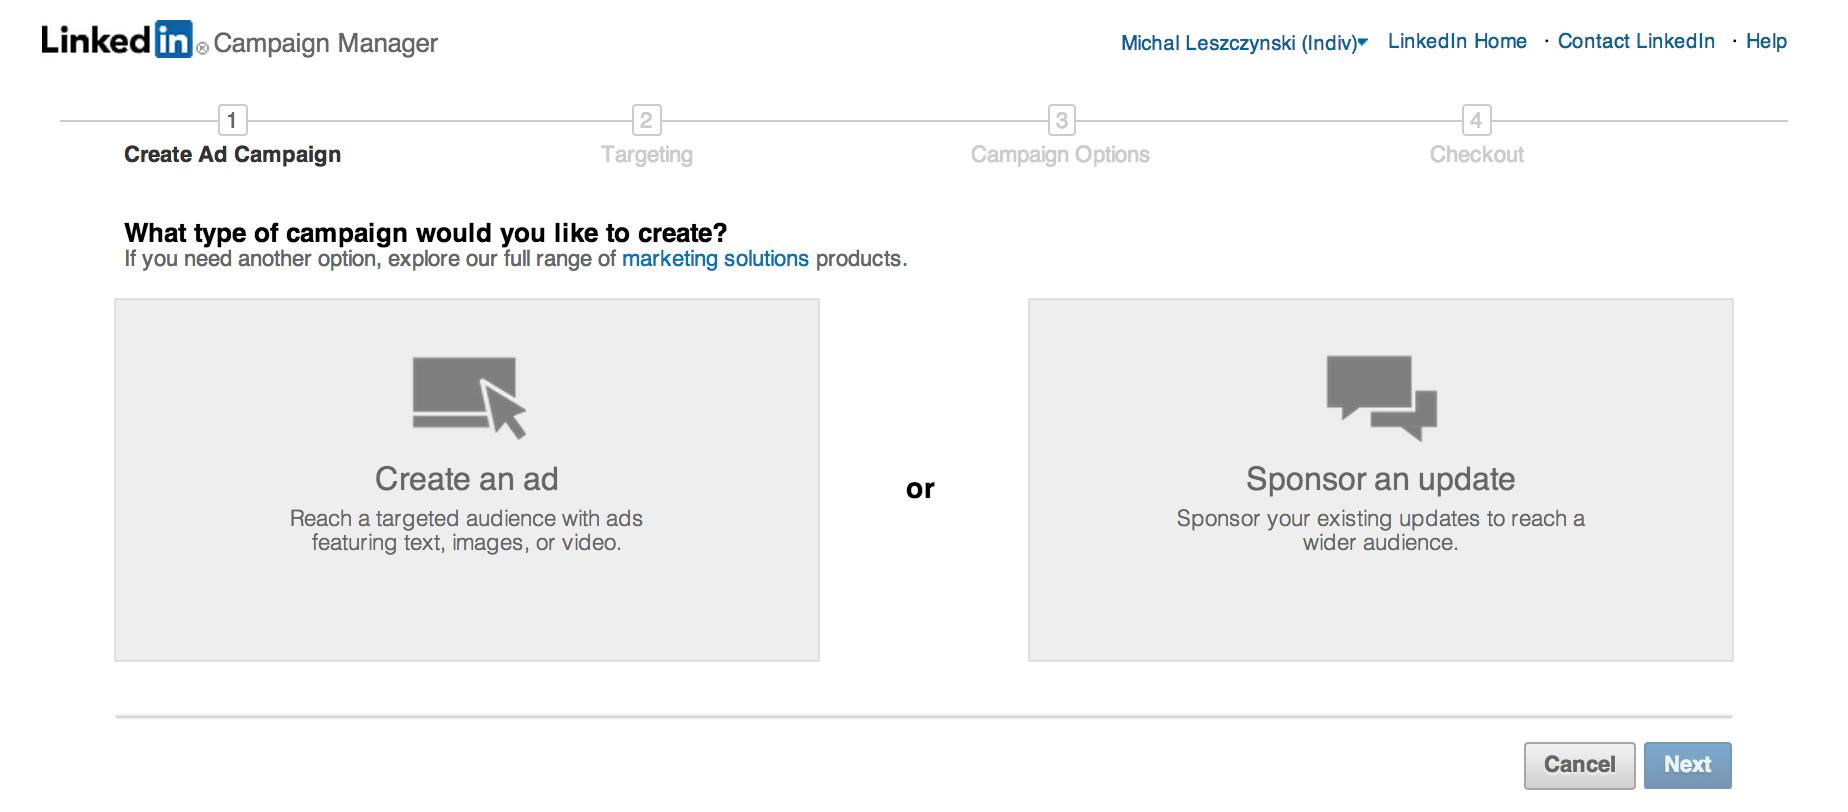 LinkedIn-reklamy-sponsorowane-aktualizacje